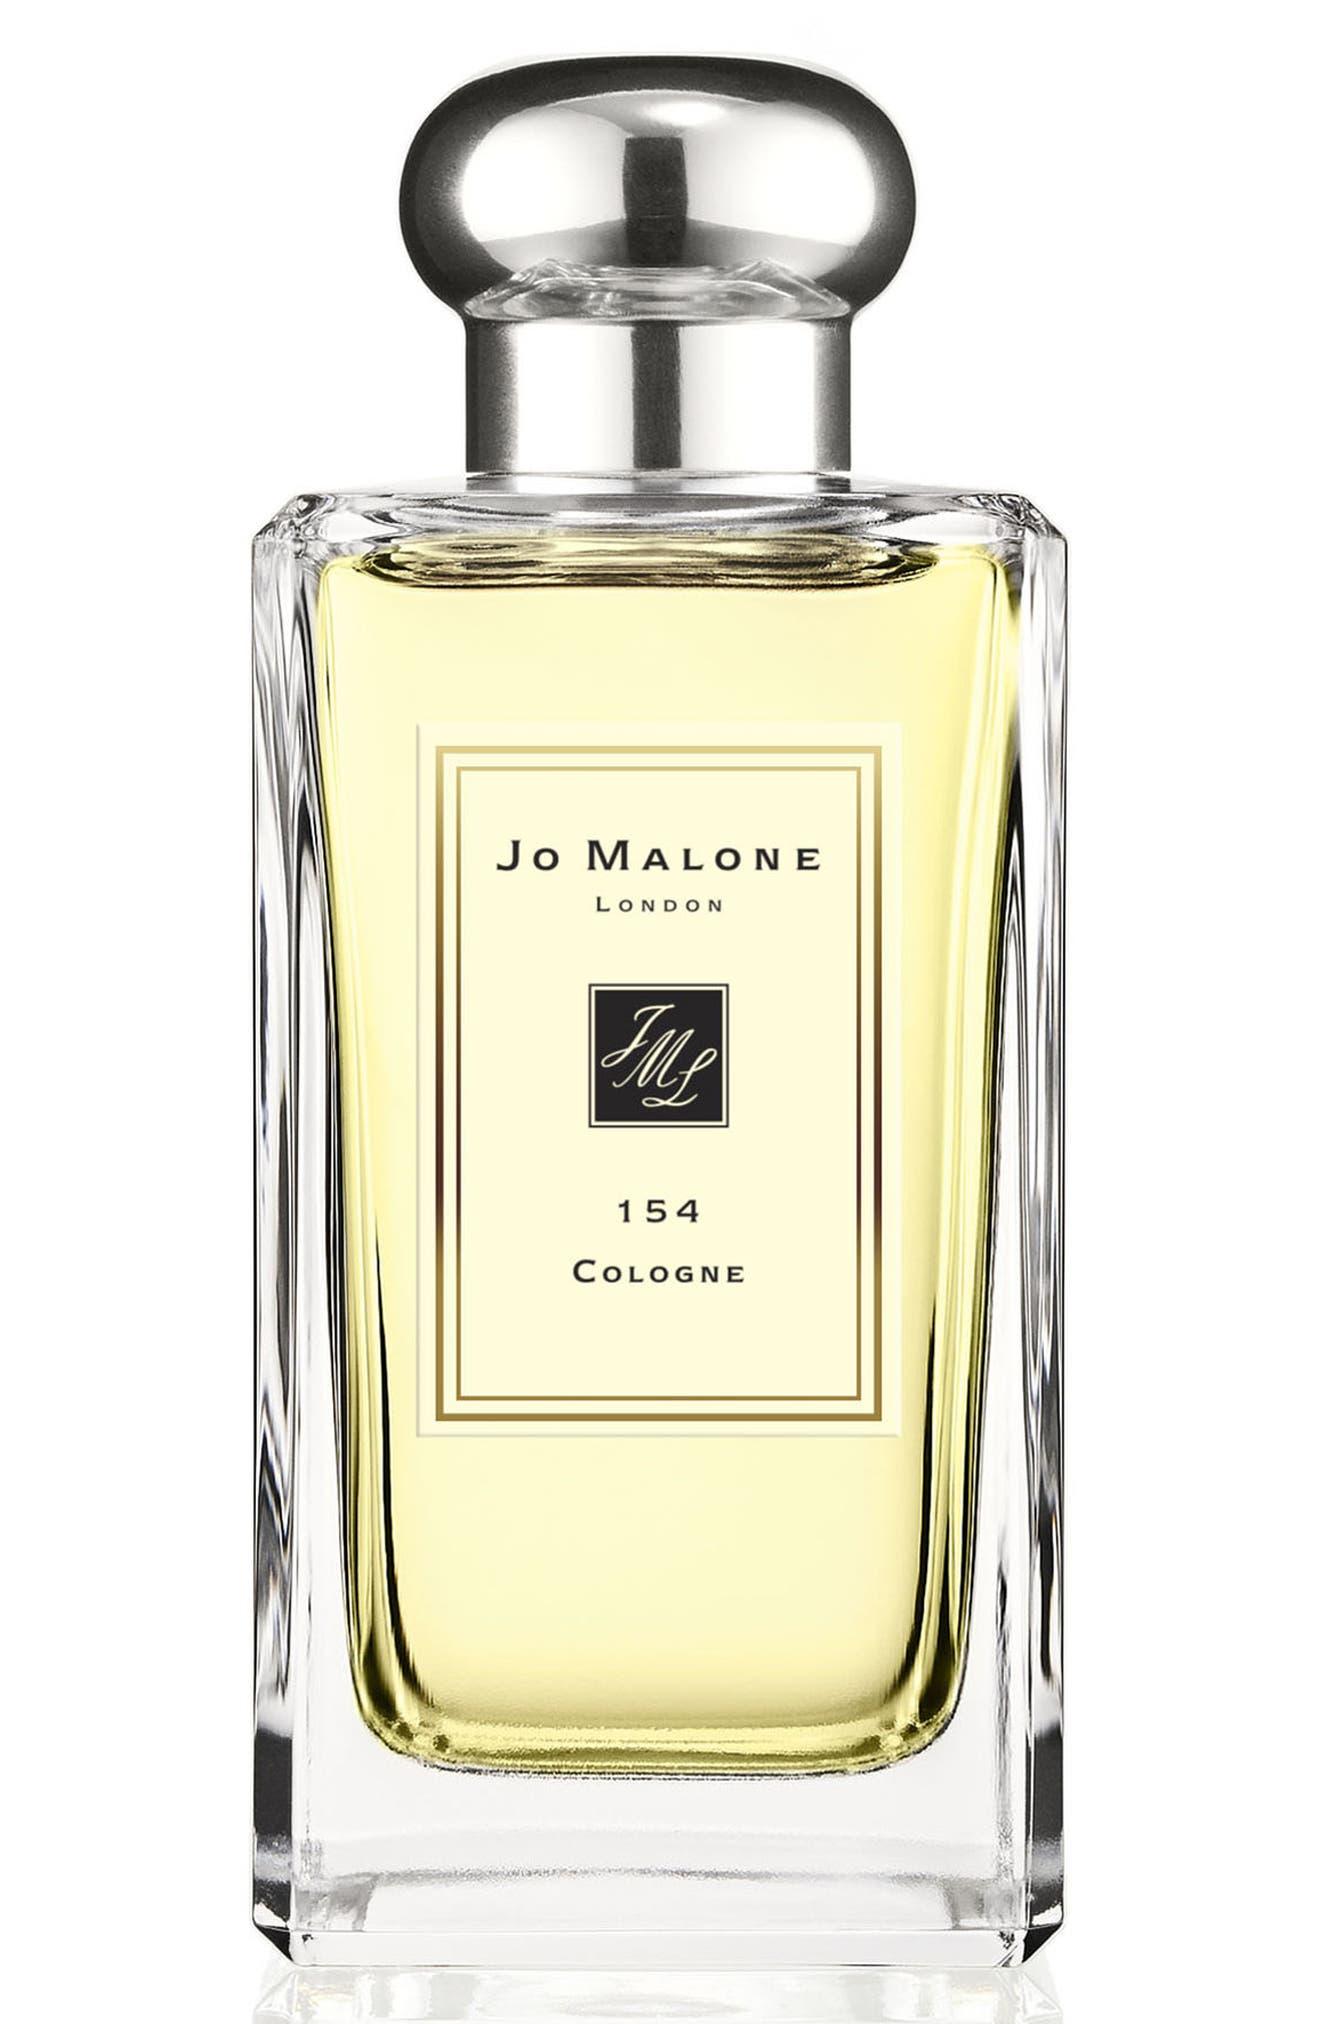 Jo Malone London™ '154' Cologne (3.4 oz.)